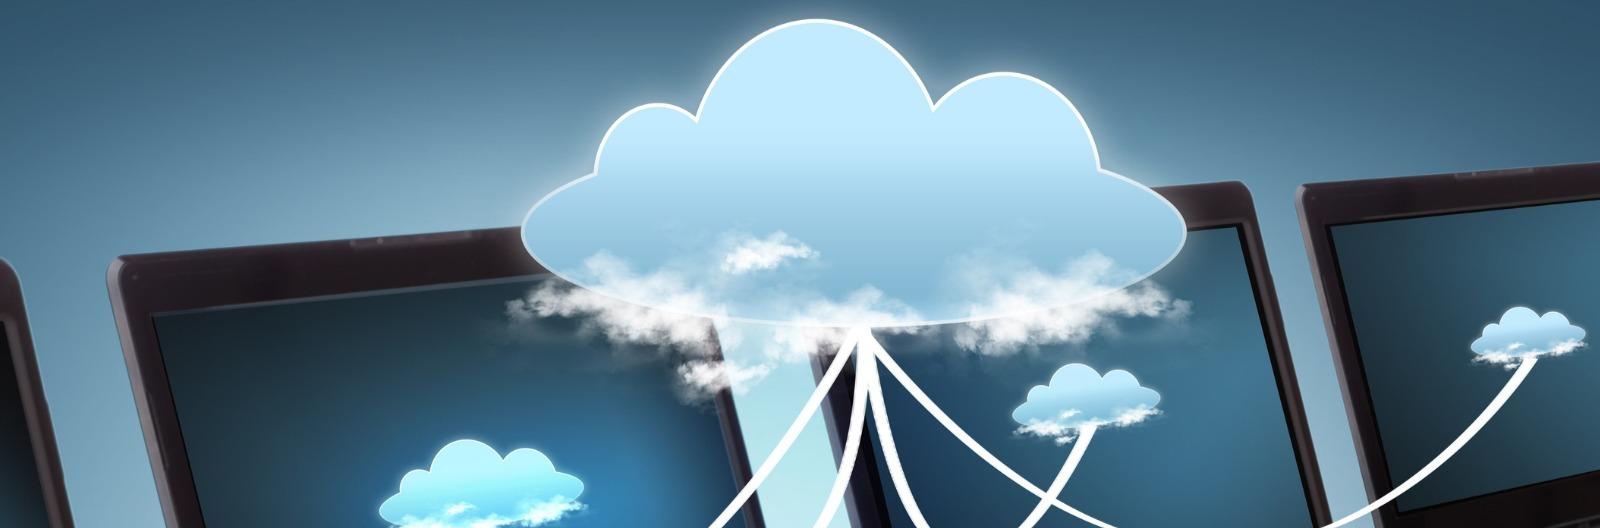 Capito Private Cloud